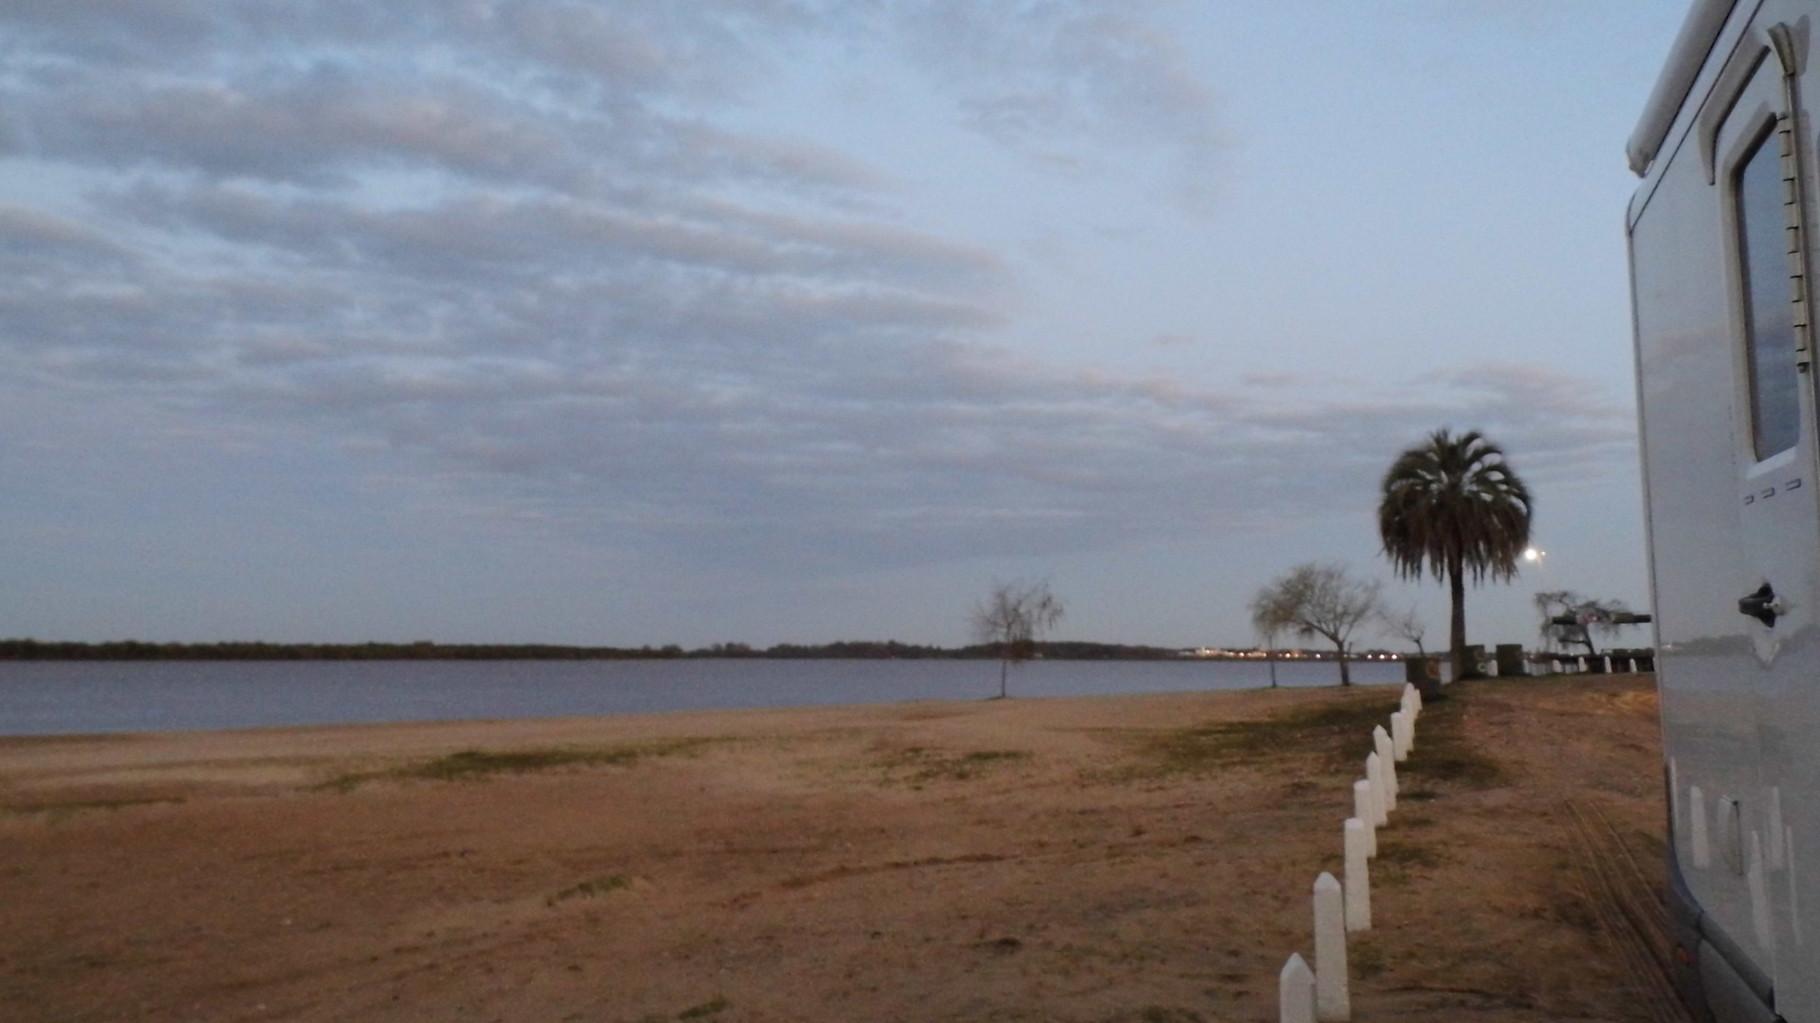 La plage du Rio Uruguay côté Argentin